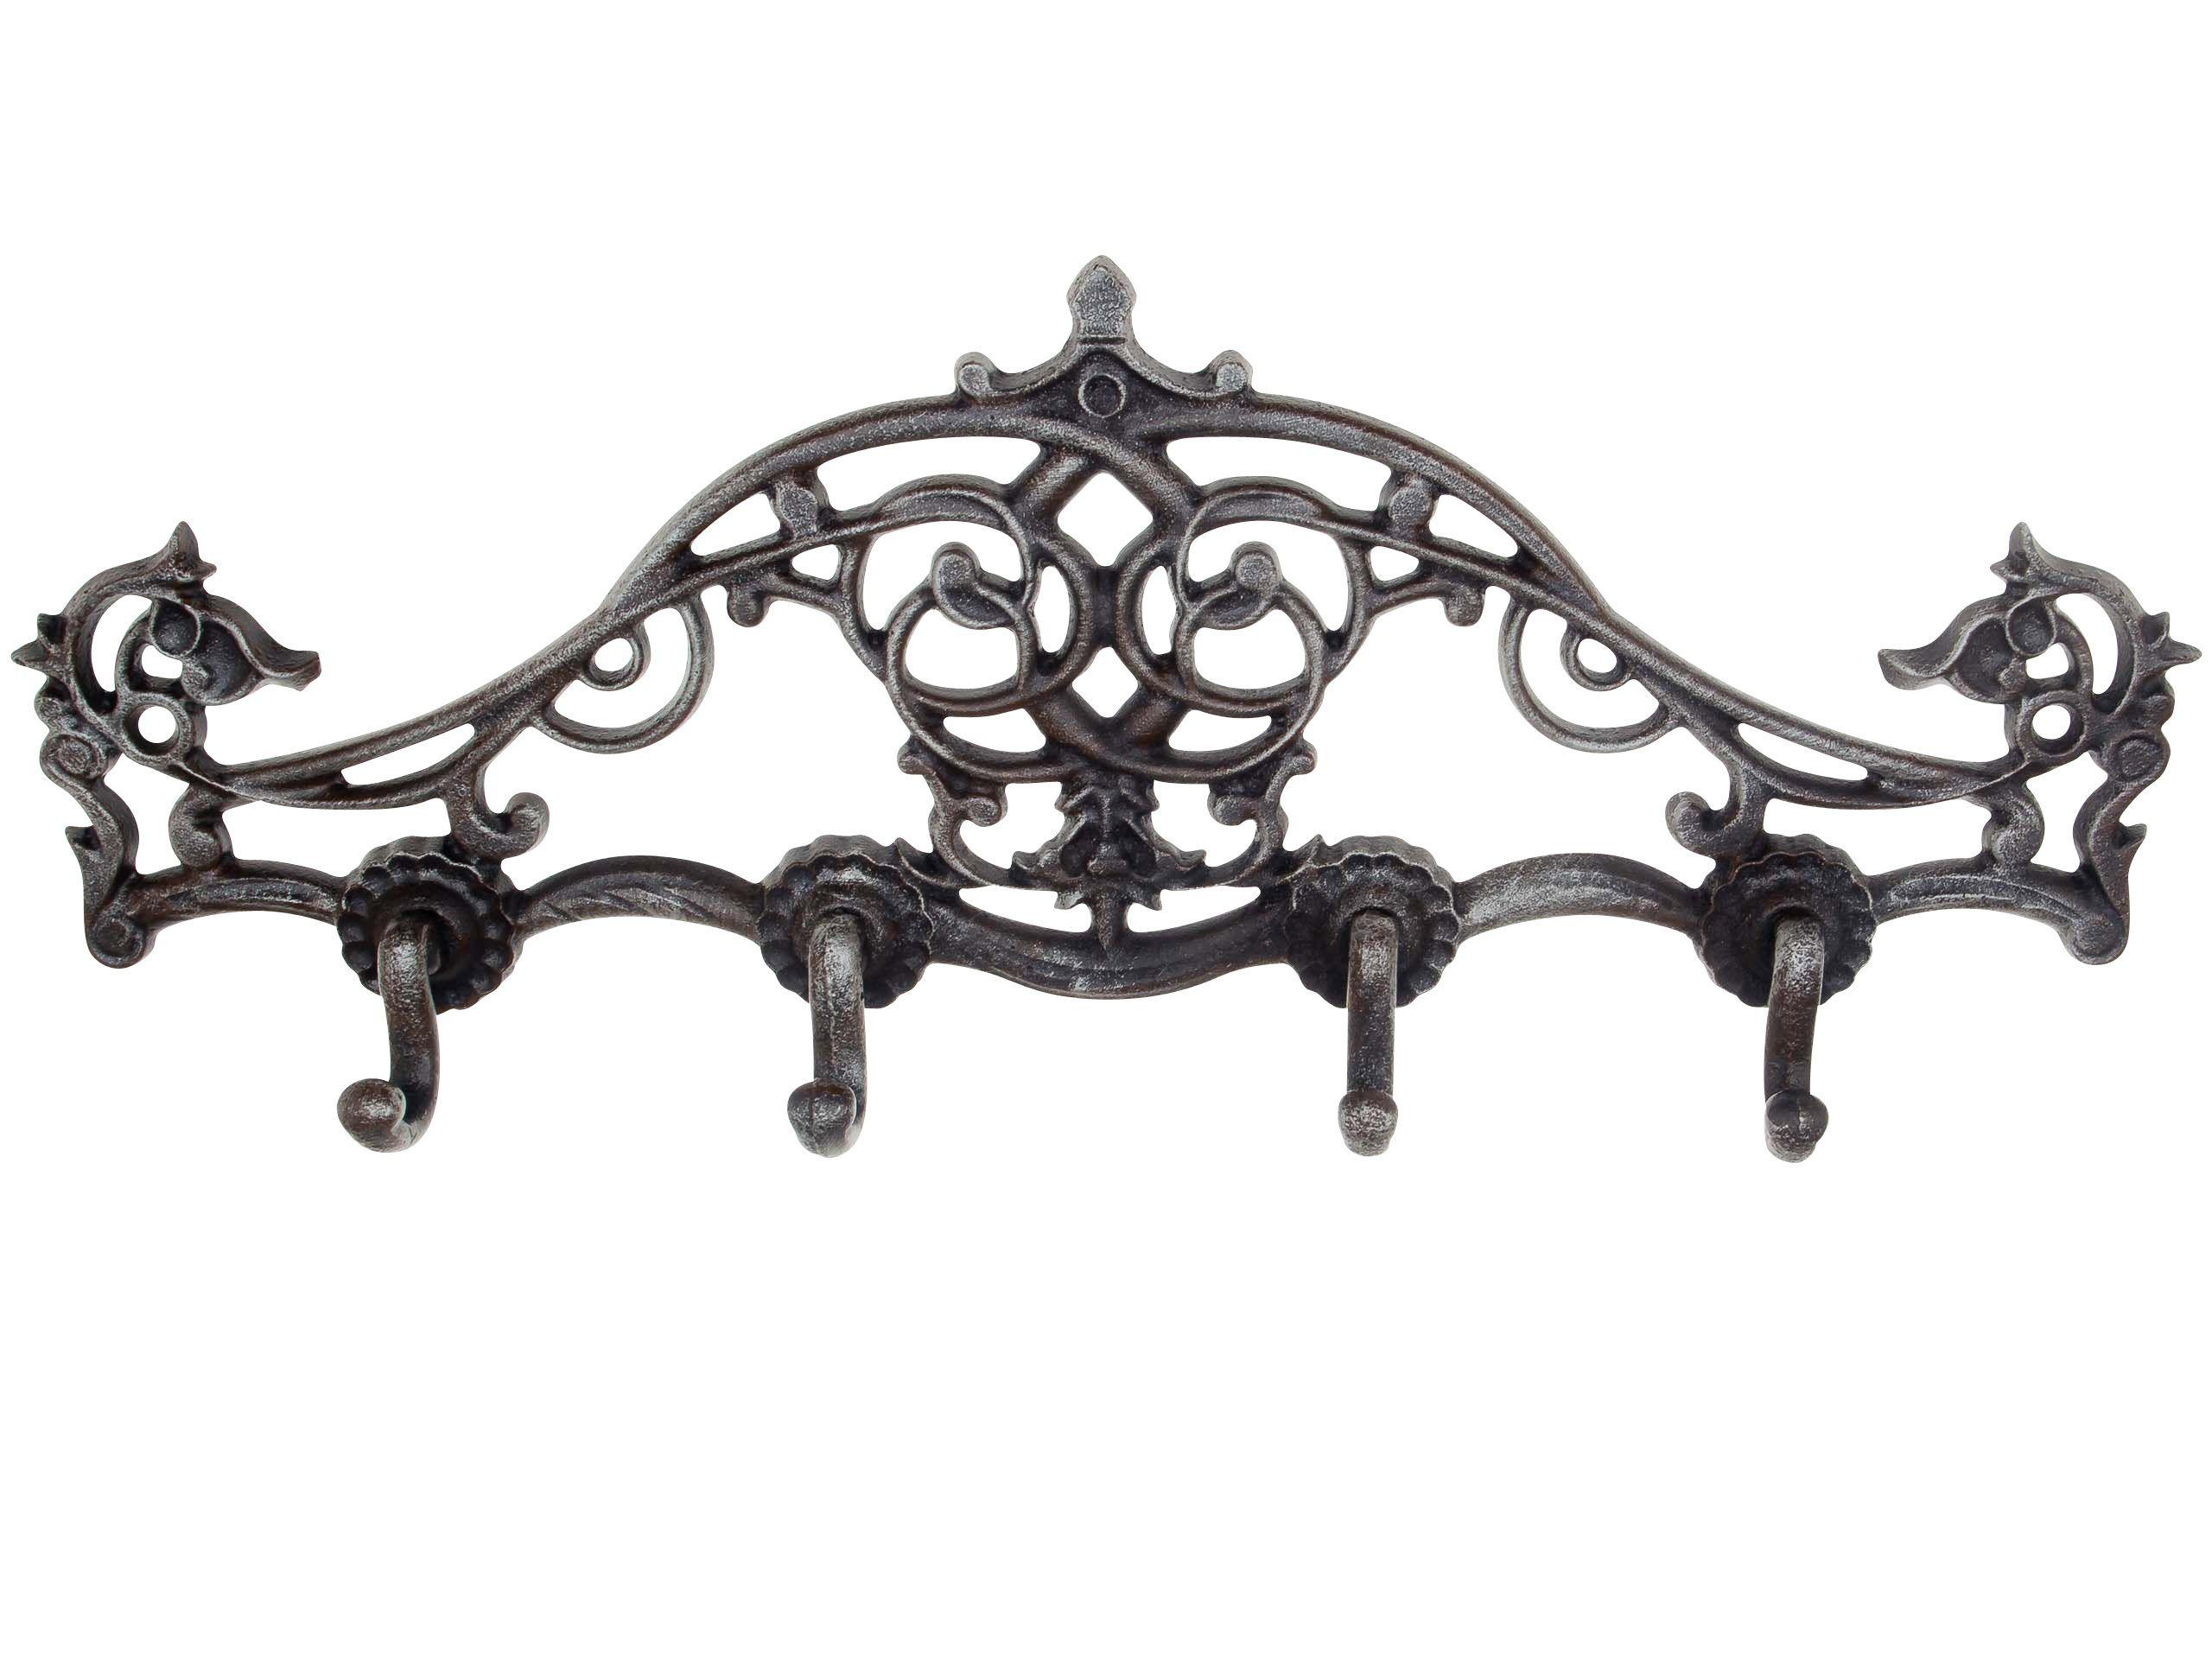 Wandgarderobe Garderobe Handtuchhalter Eisen Grunderzeit Antik Stil Braun 39cm Wandgarderobe Handtuchhalter Stil